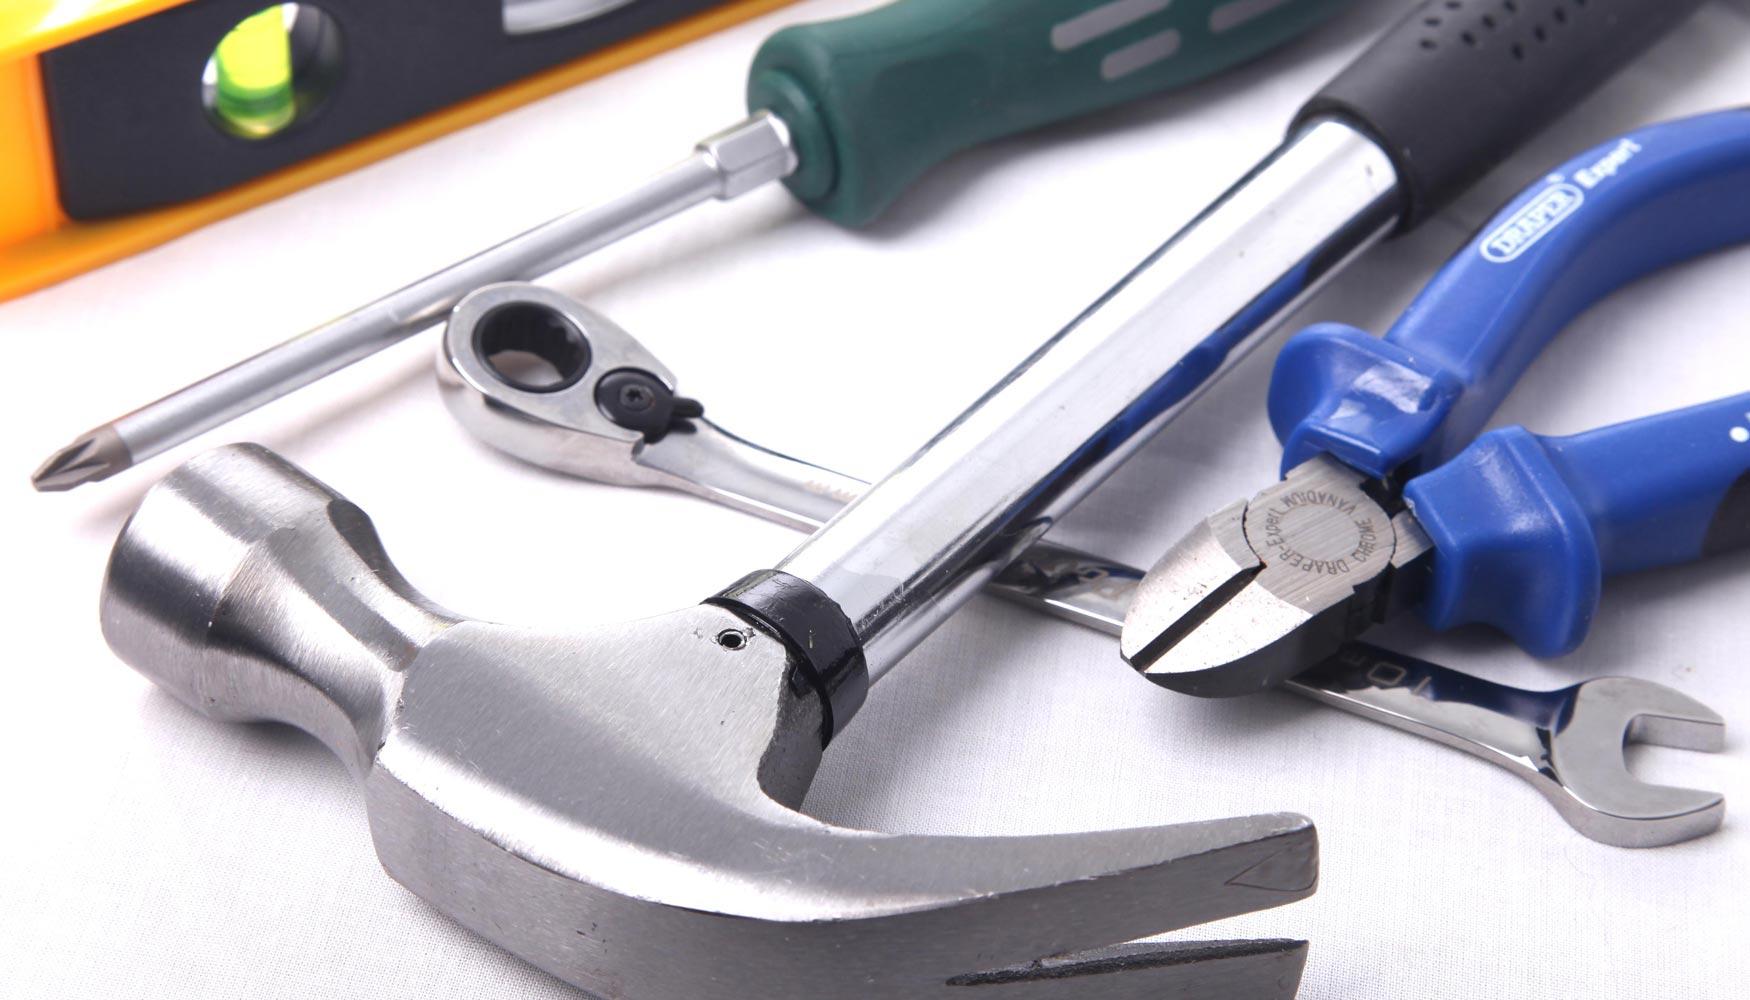 Ferreteria y construcci n aumentan las ventas de productos - Articulos de ferreteria ...